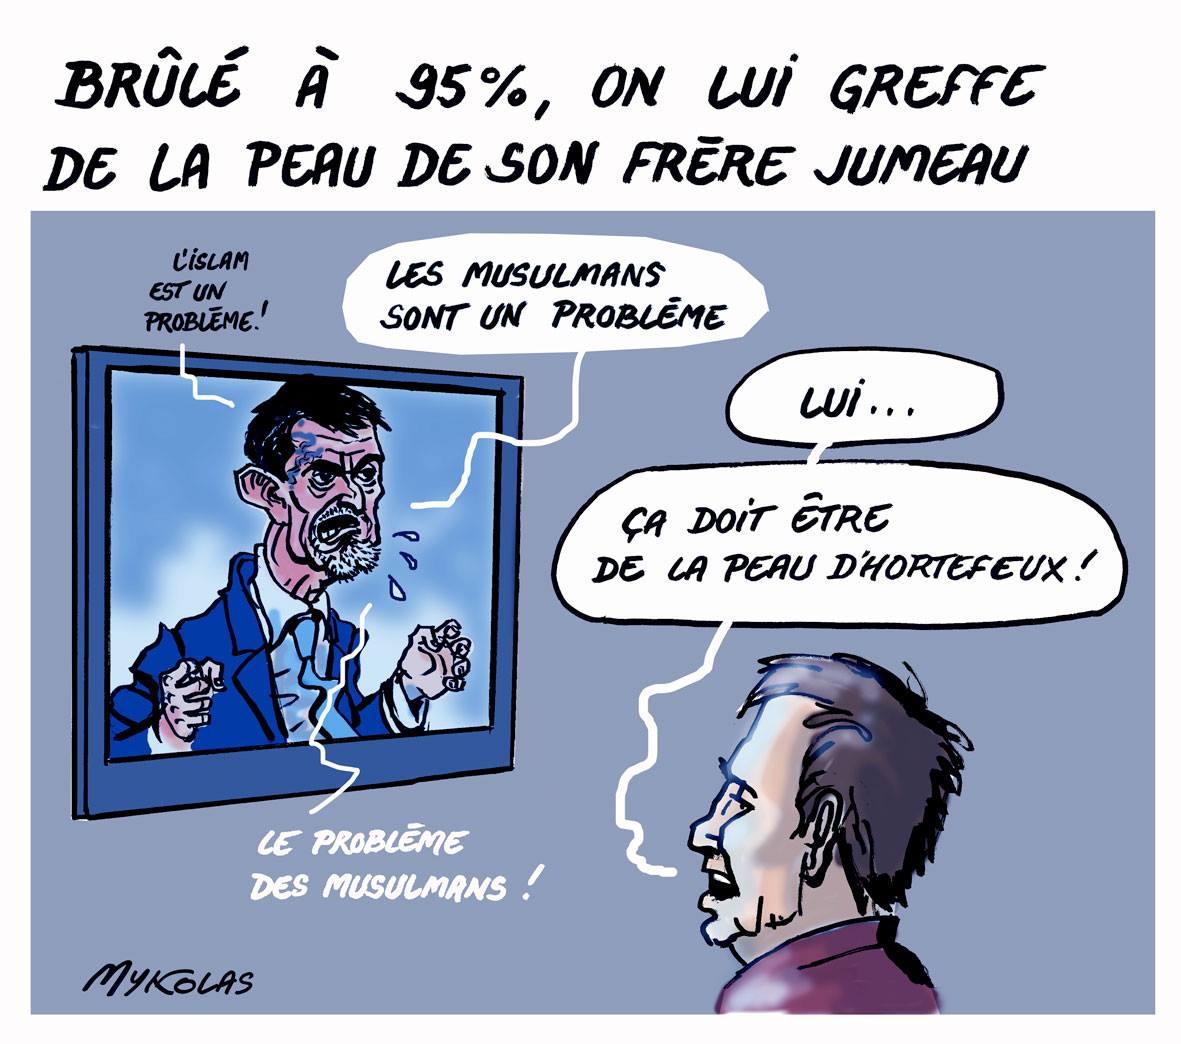 dessin humoristique de Manuel Valls parlant en boucle du problème des musulmans et de l'islam